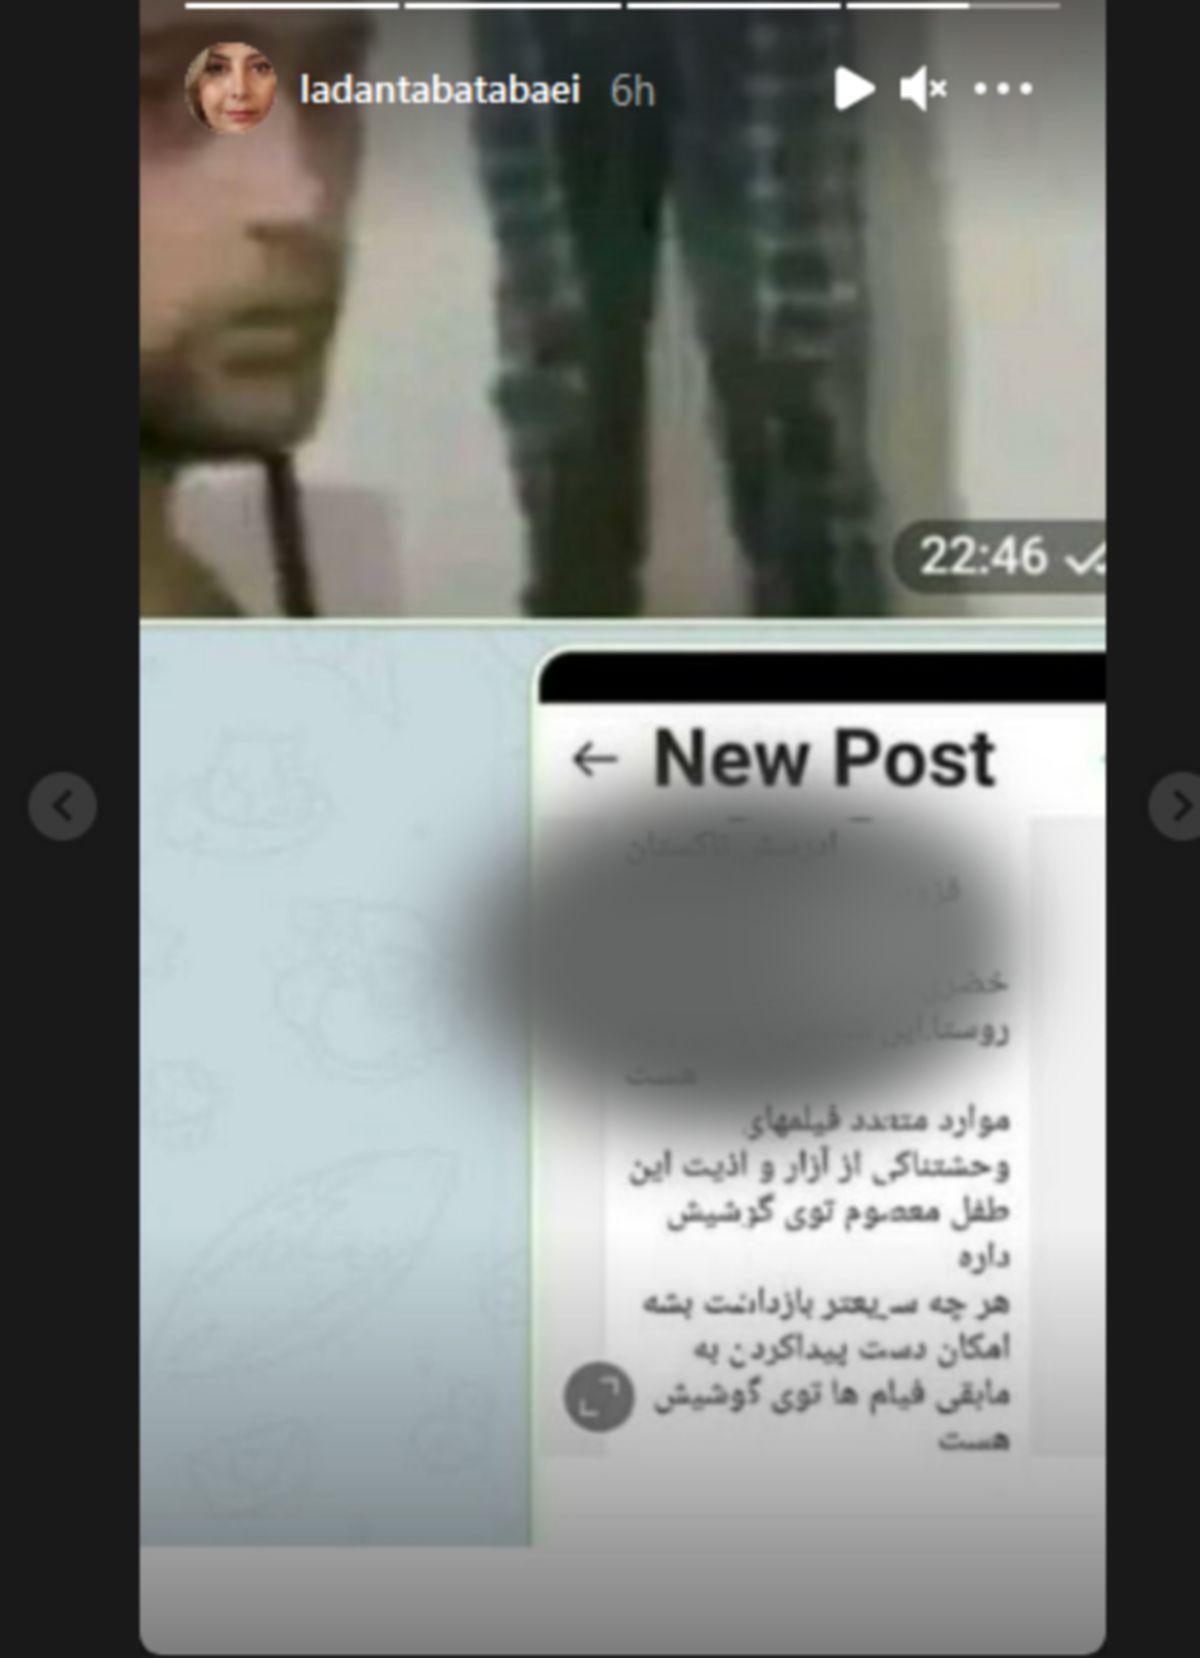 ویدیوی جدید و دردناک کودک ازاری پدر شیطان صفت در تاکستان قزوین + فیلم